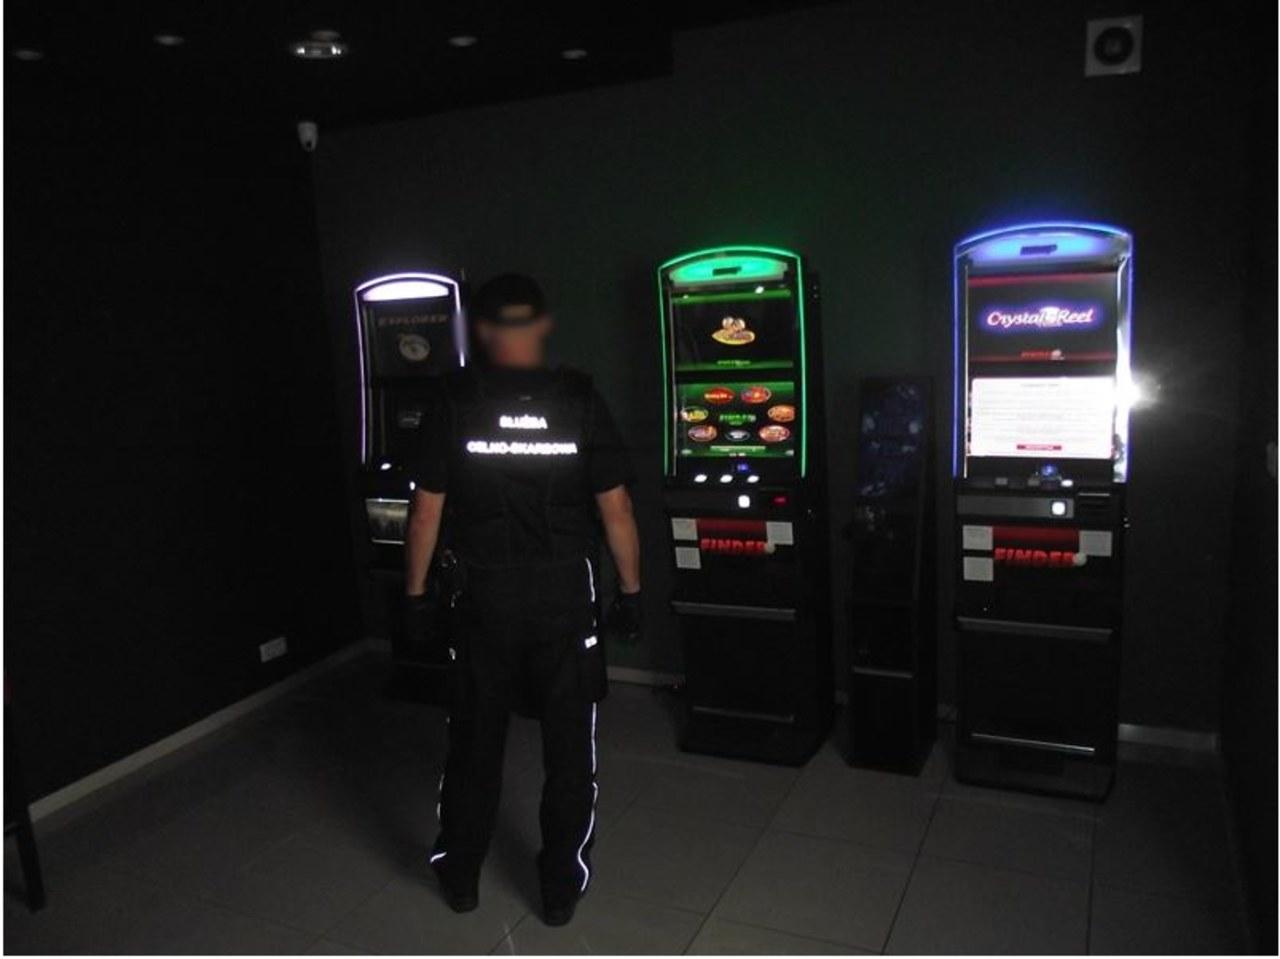 Atak na funkcjonariuszy KAS w salonie gier. Policja szuka właściciela